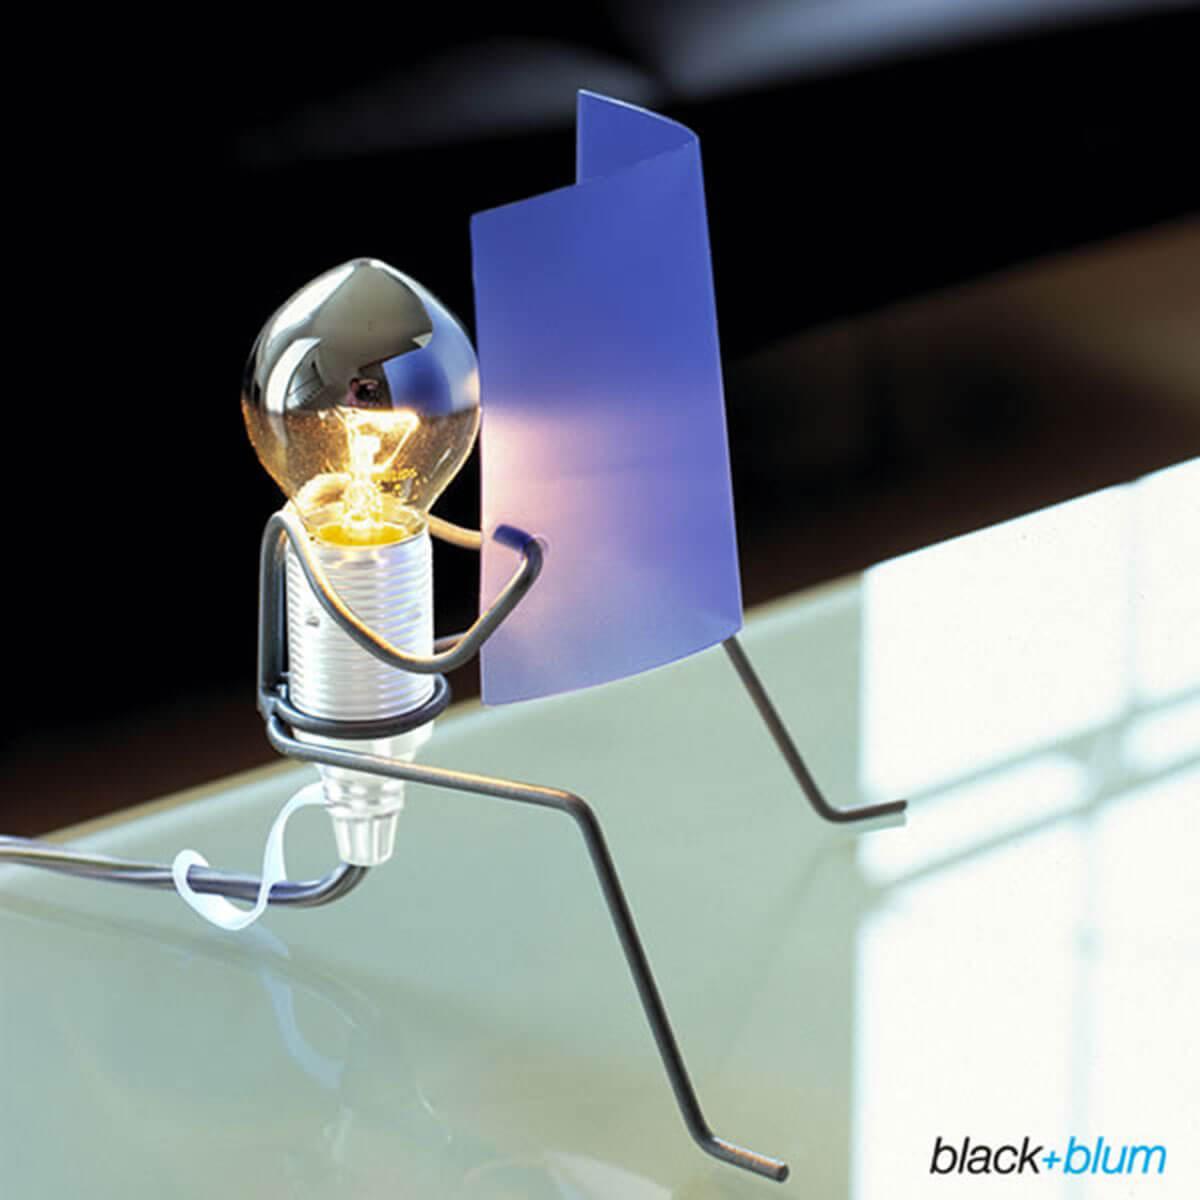 black+blum リーディングライト